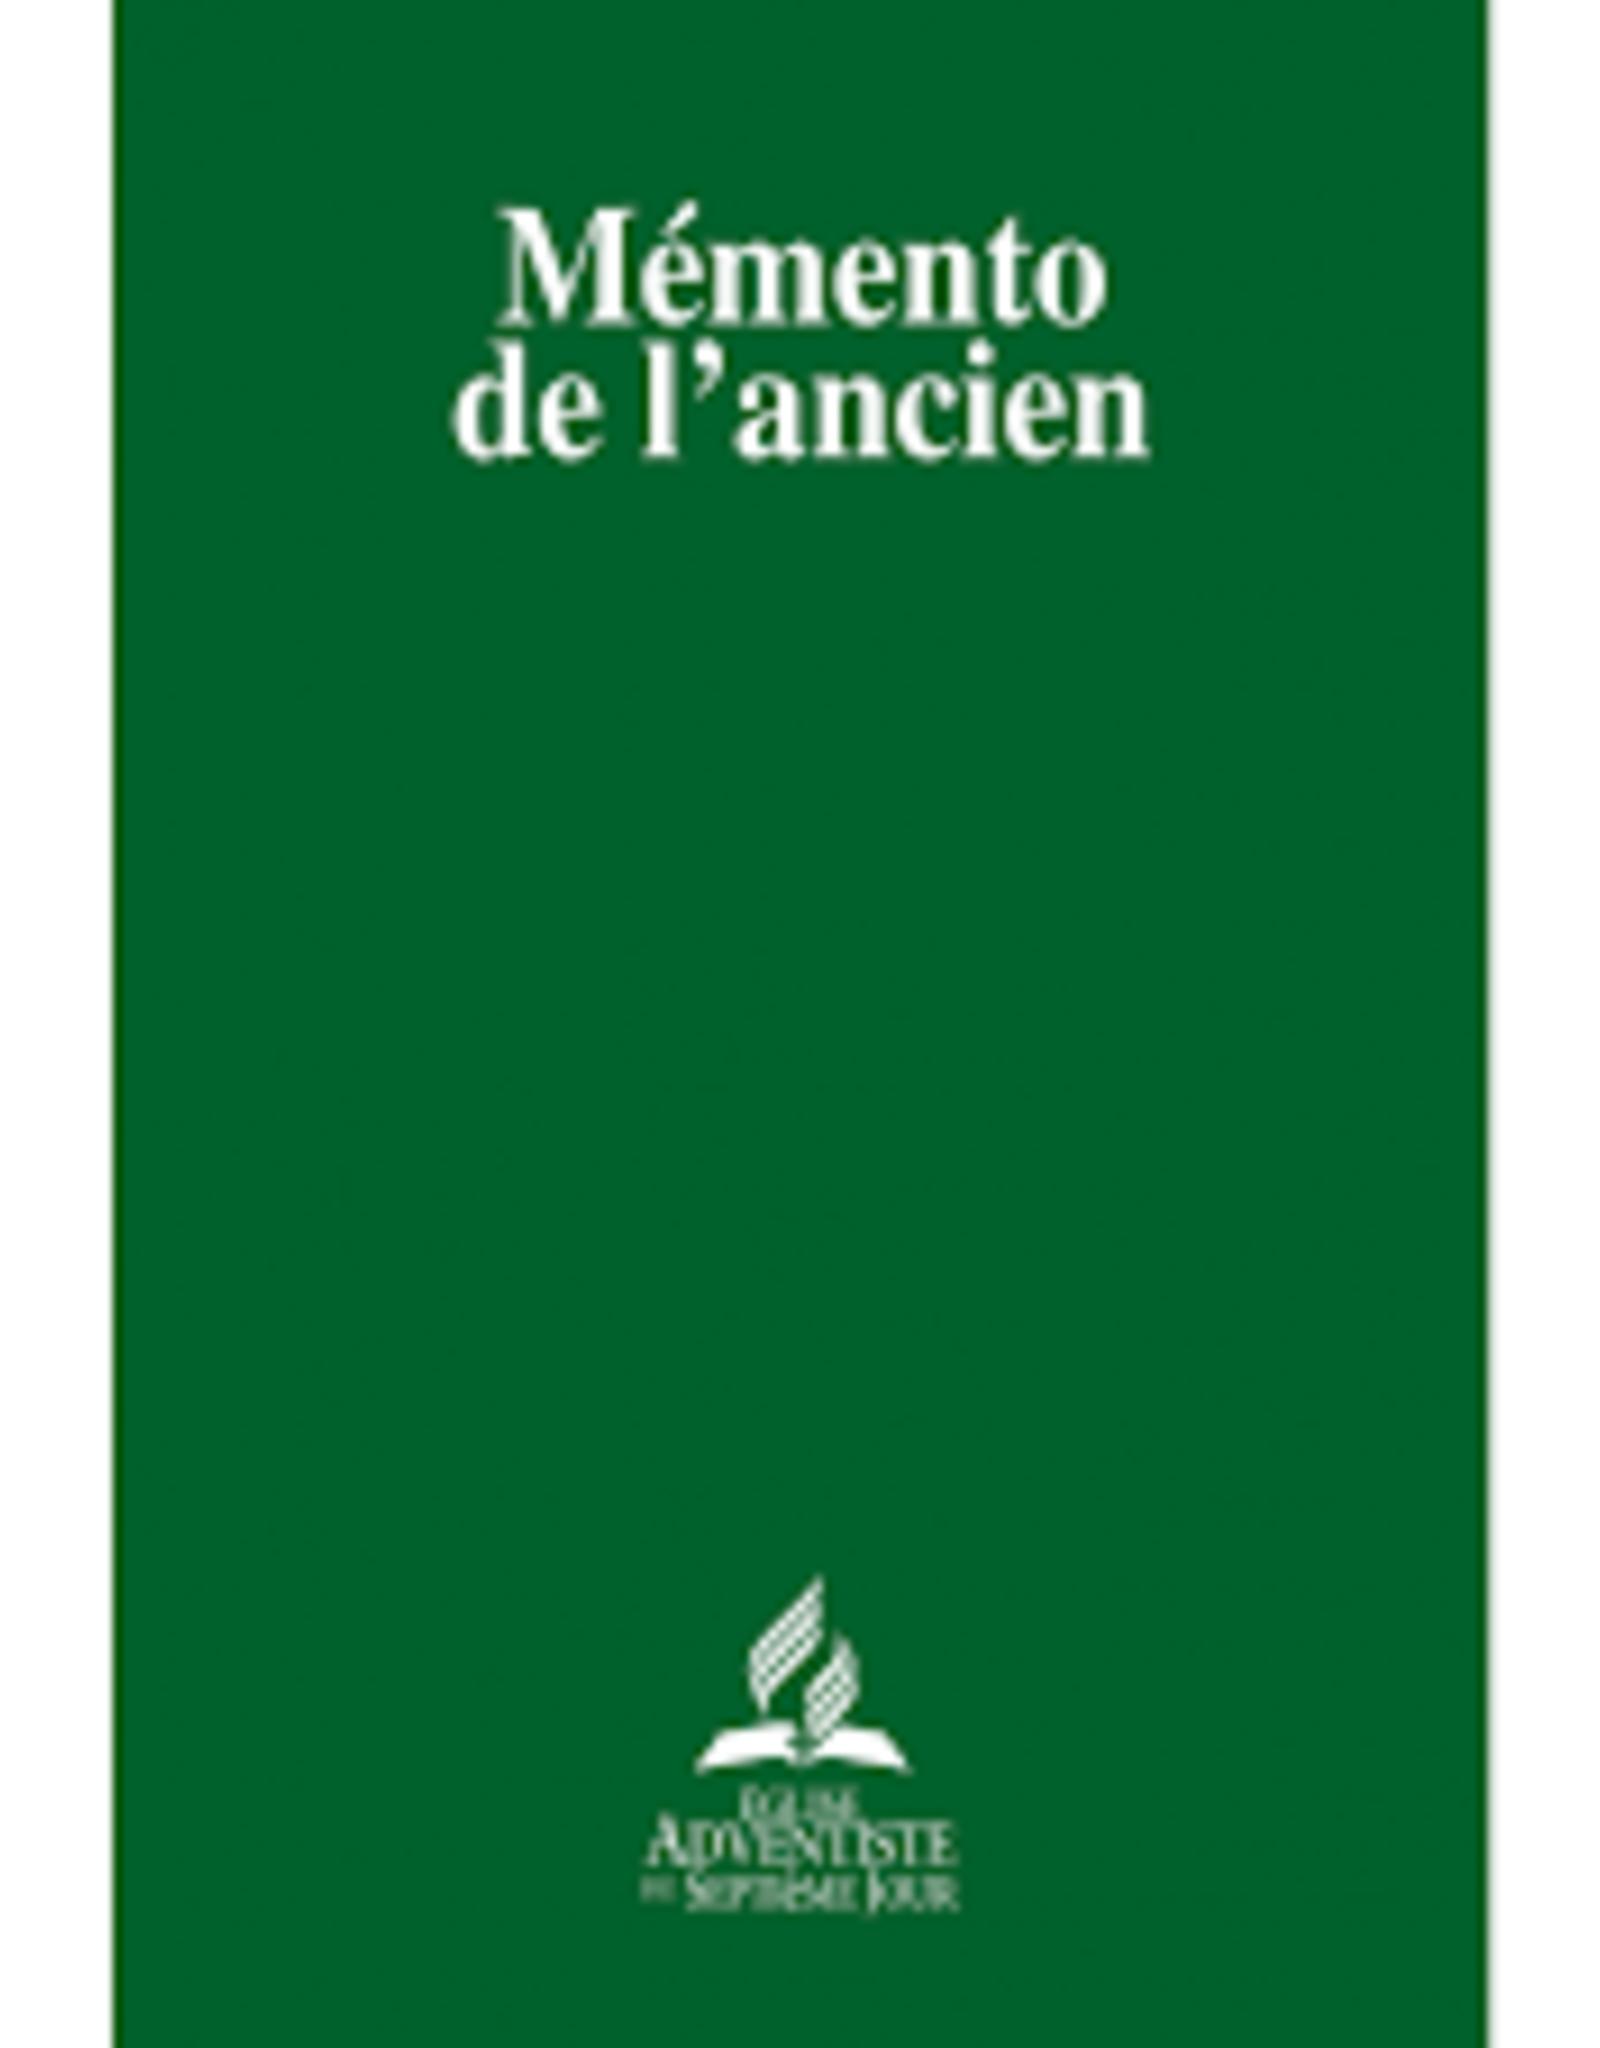 Église Adventiste du 7ème Jour Mémento de l'ancien